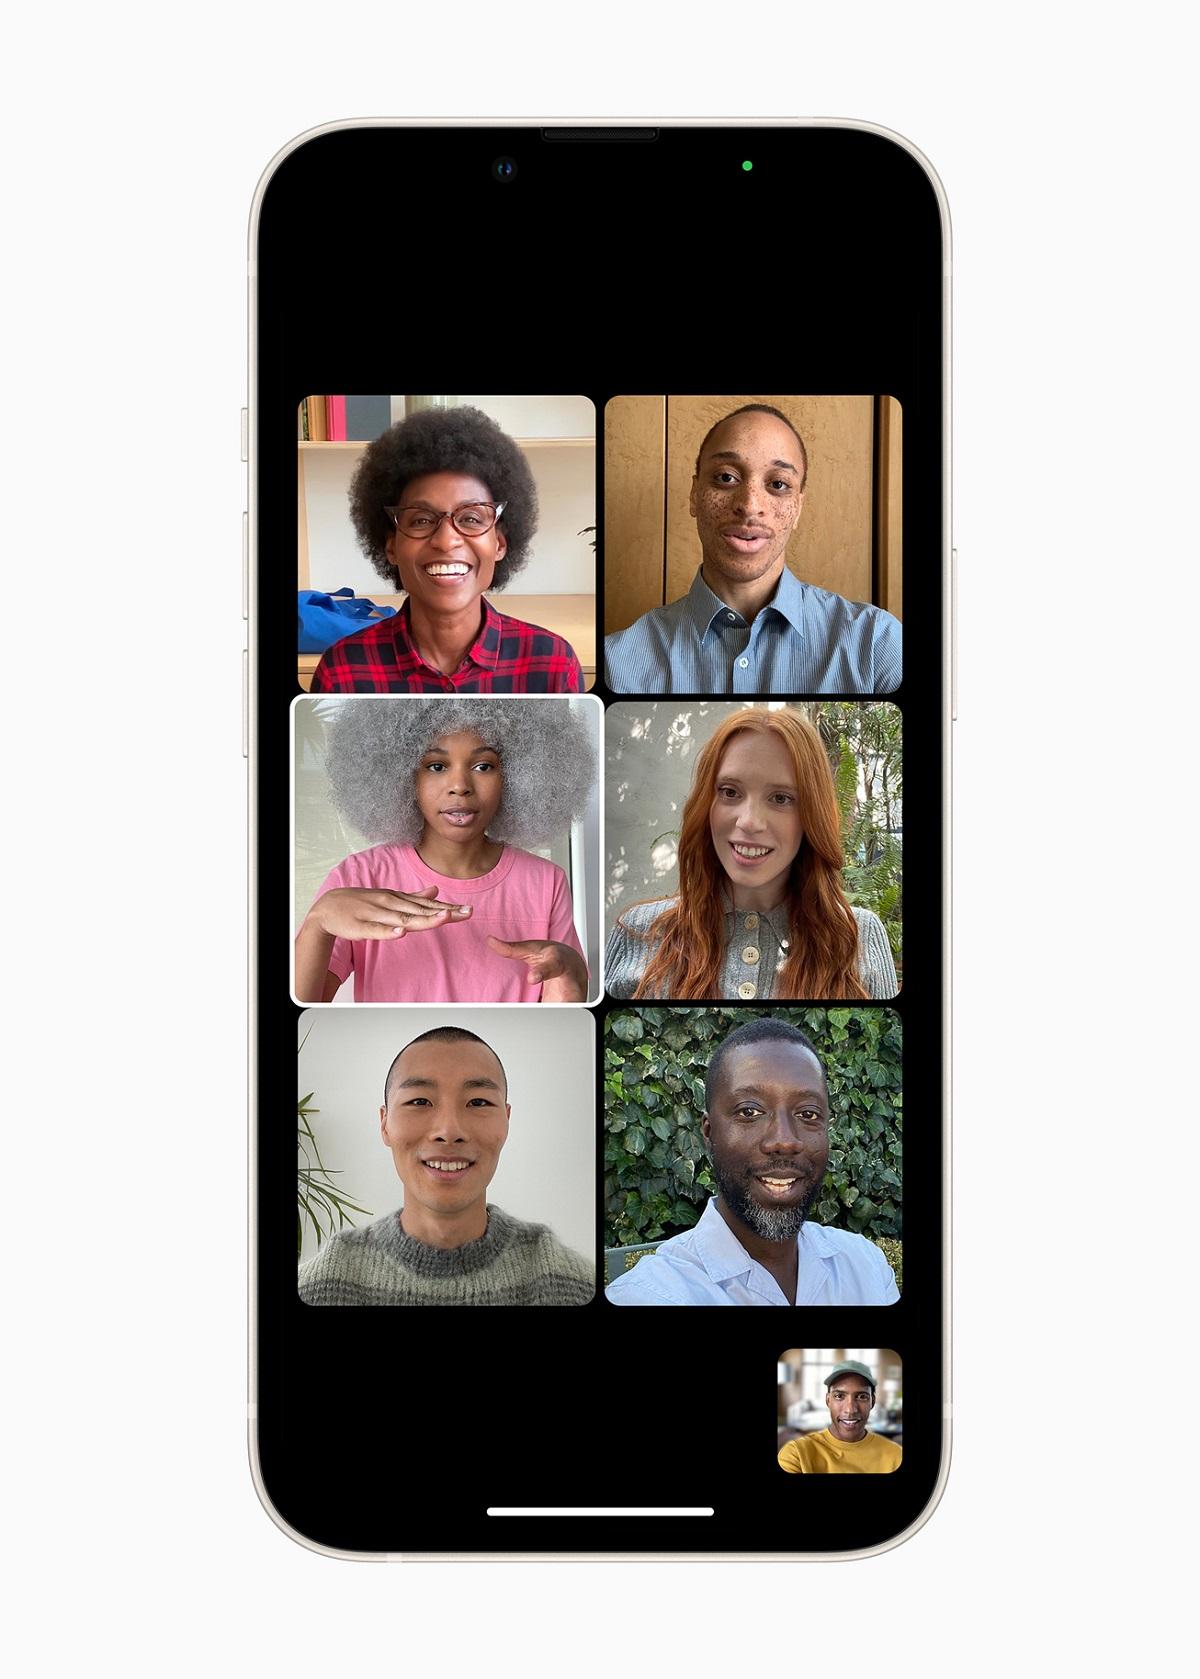 В iOS 15 Group FaceTime отображает участников в виде плиток одинакового размера в виде сетки.